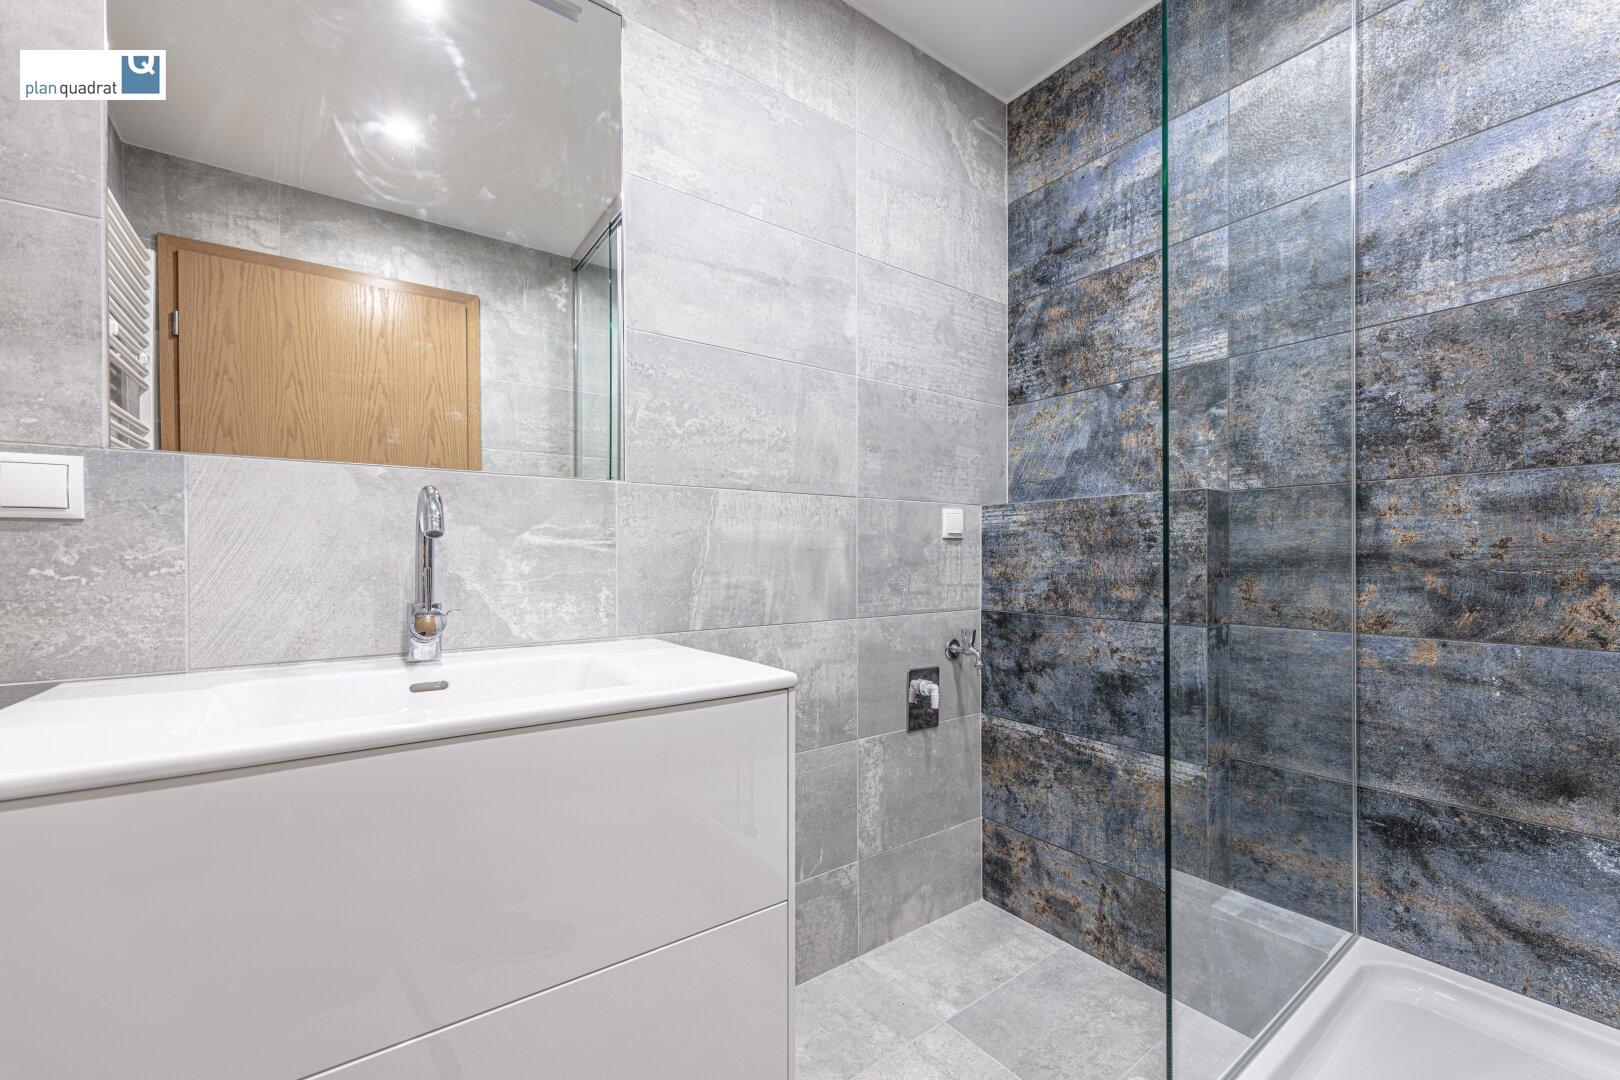 Badezimmer (ca. 4,00 m²) mit Dusche und Wa-Ma-Anschluss